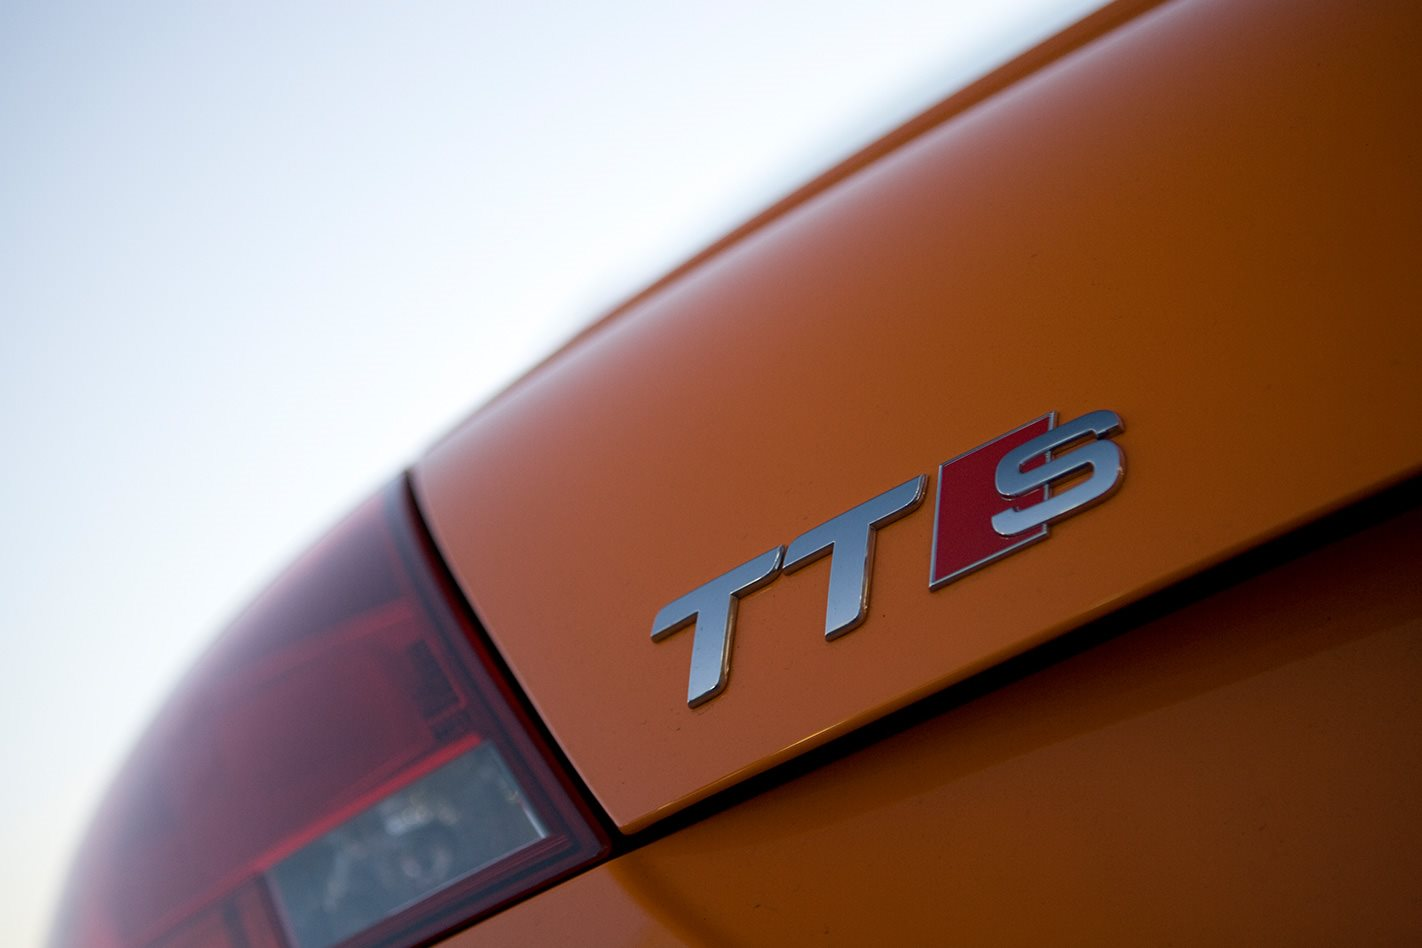 2008-Audi-TT-badge.jpg